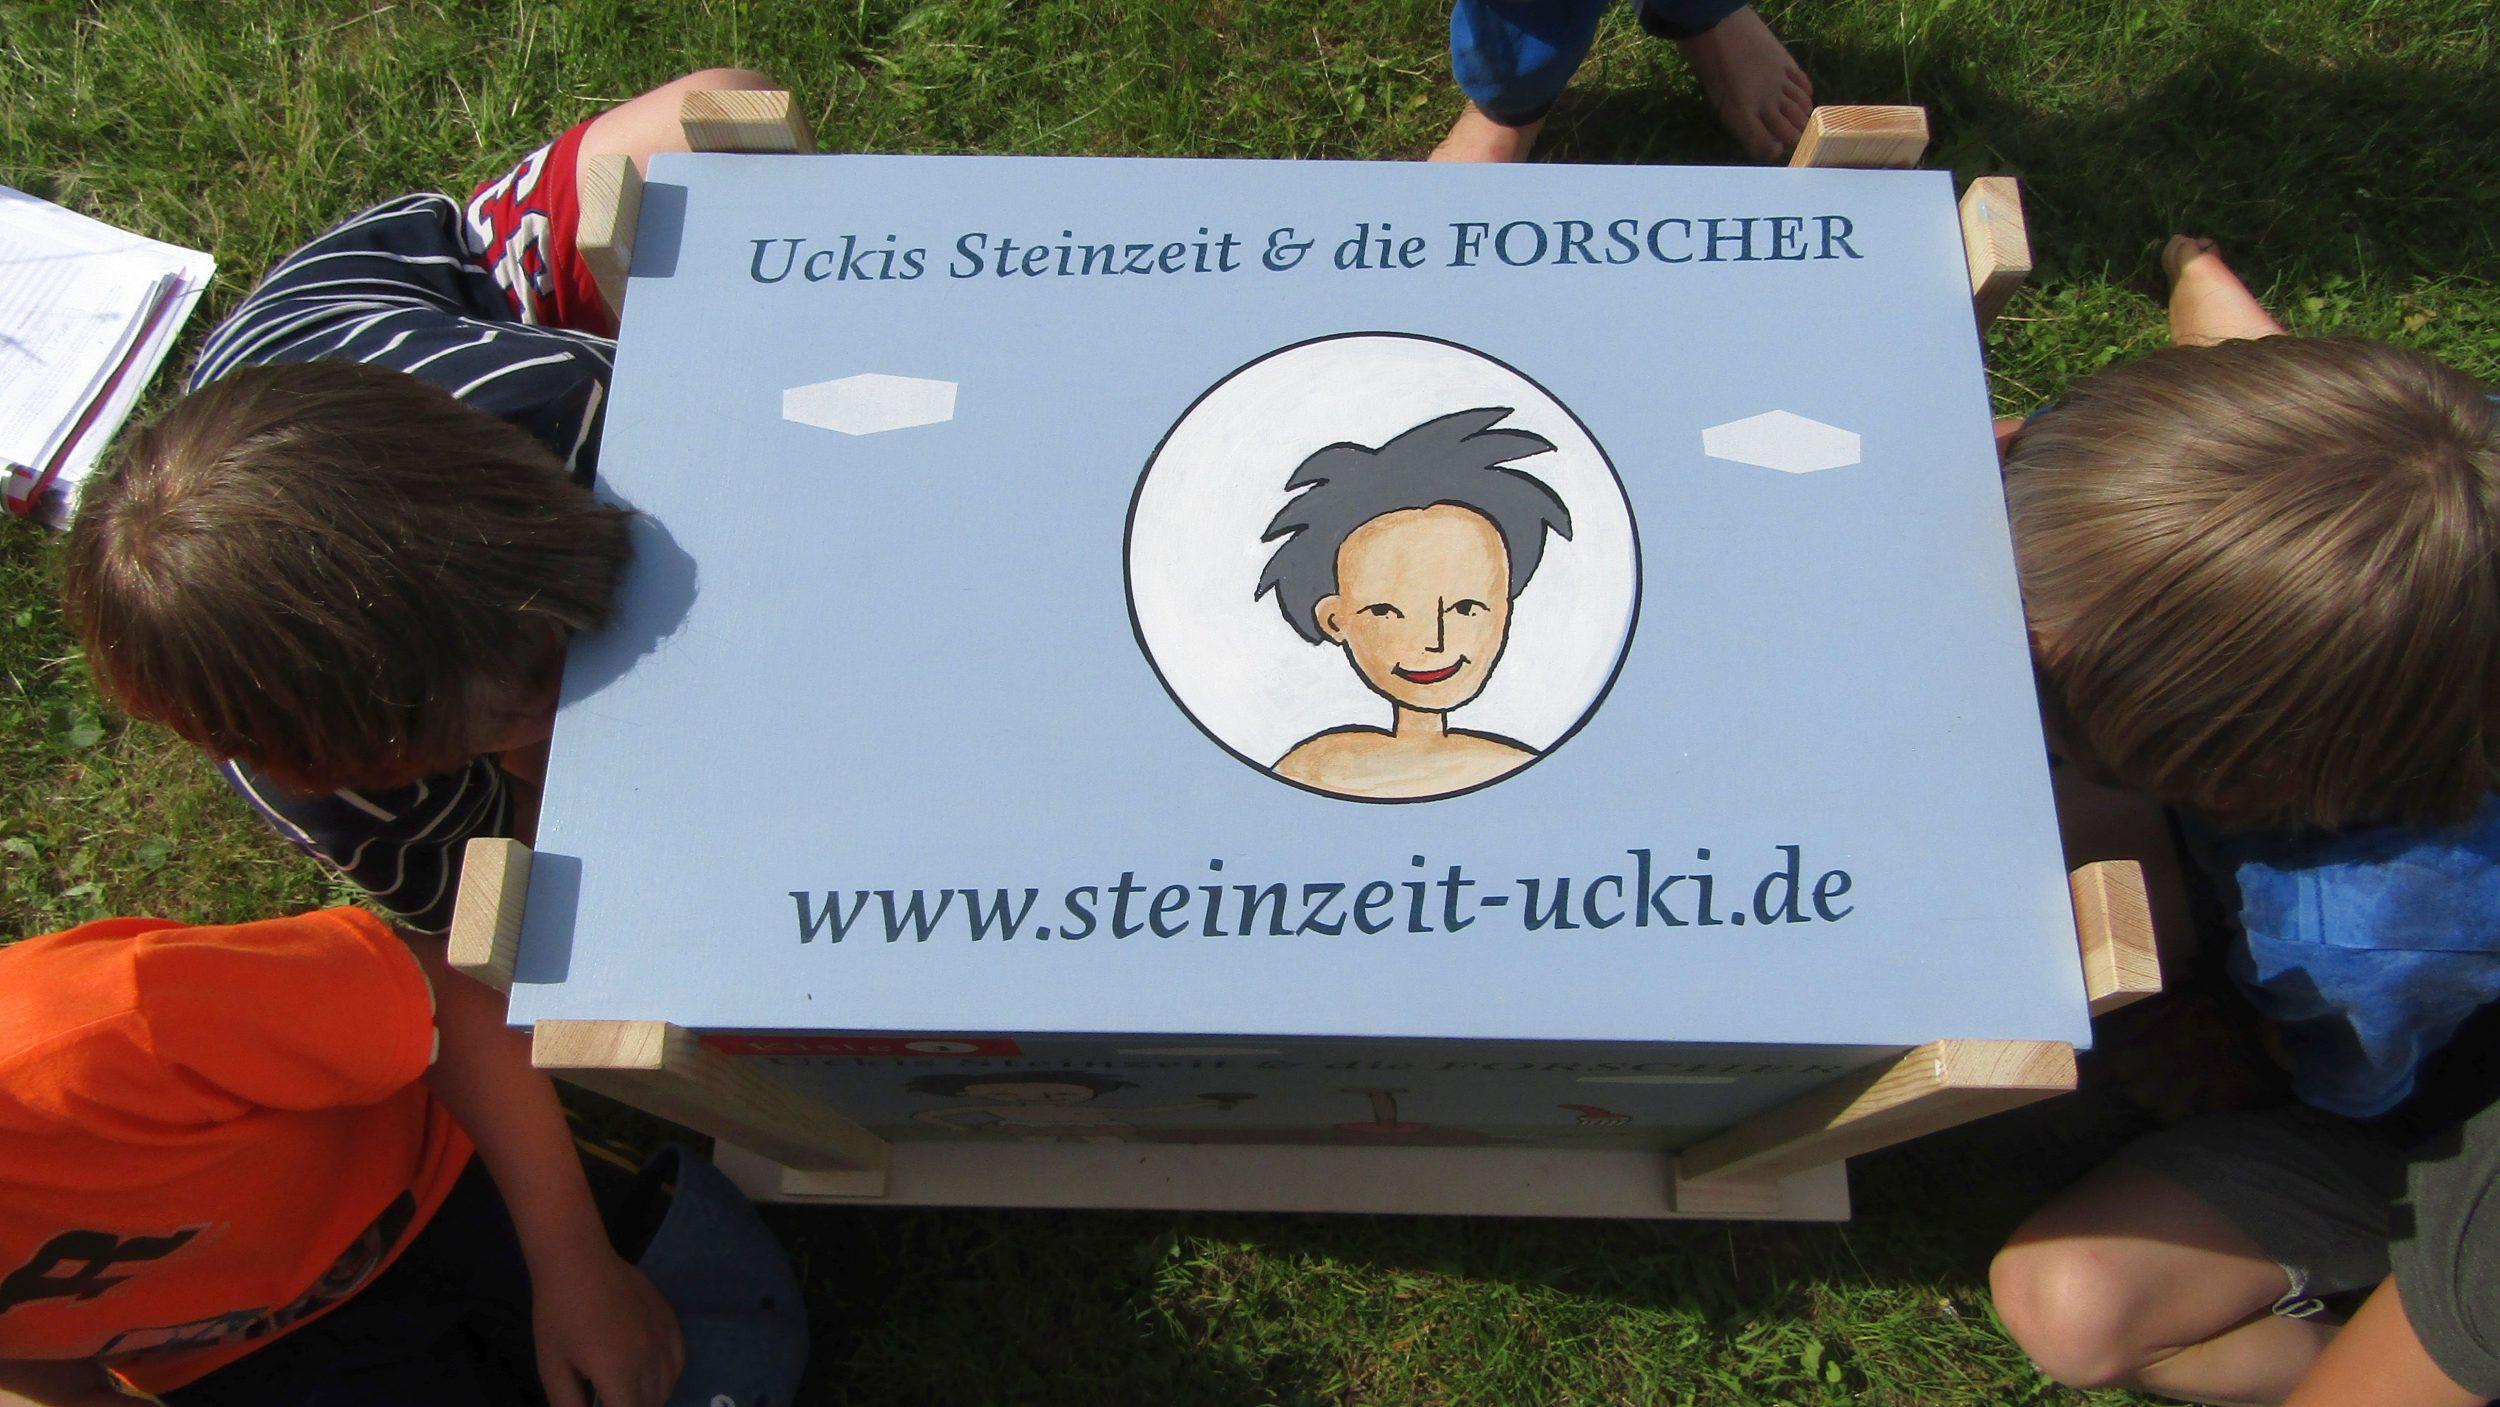 Uckis Steinzeit®